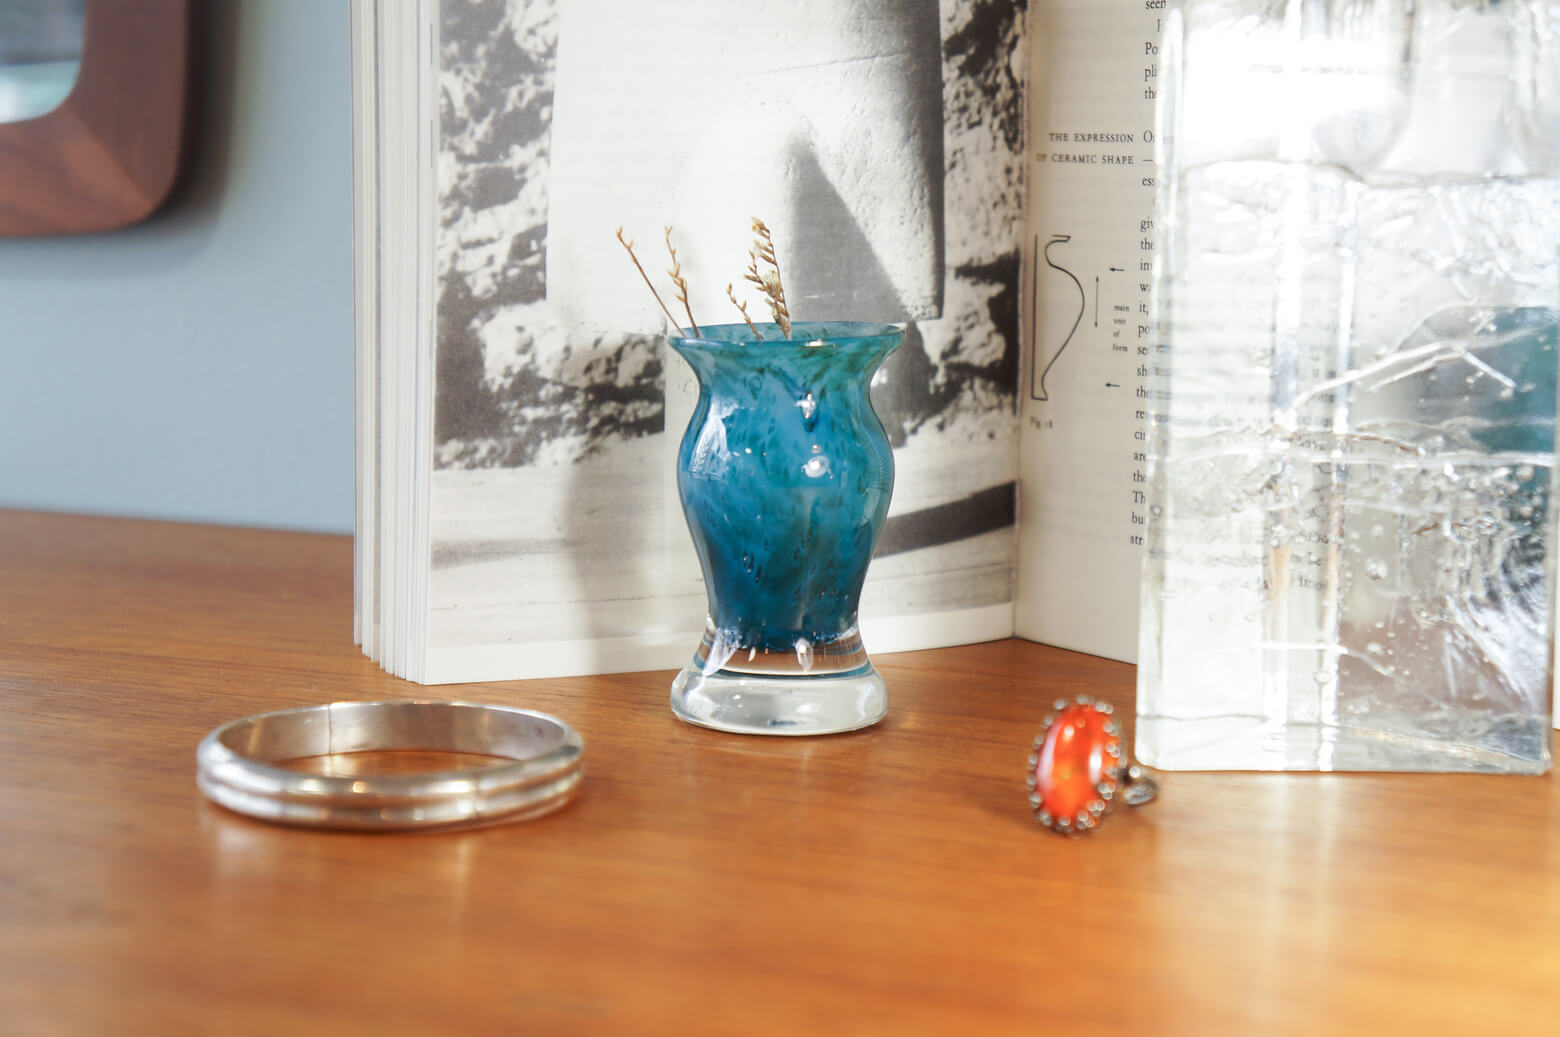 Bertil Vallien Kosta Boda Artist Collection/バーティル・ヴァリーン コスタボダ アーティストコレクション ミニチュア ガラス 北欧雑貨